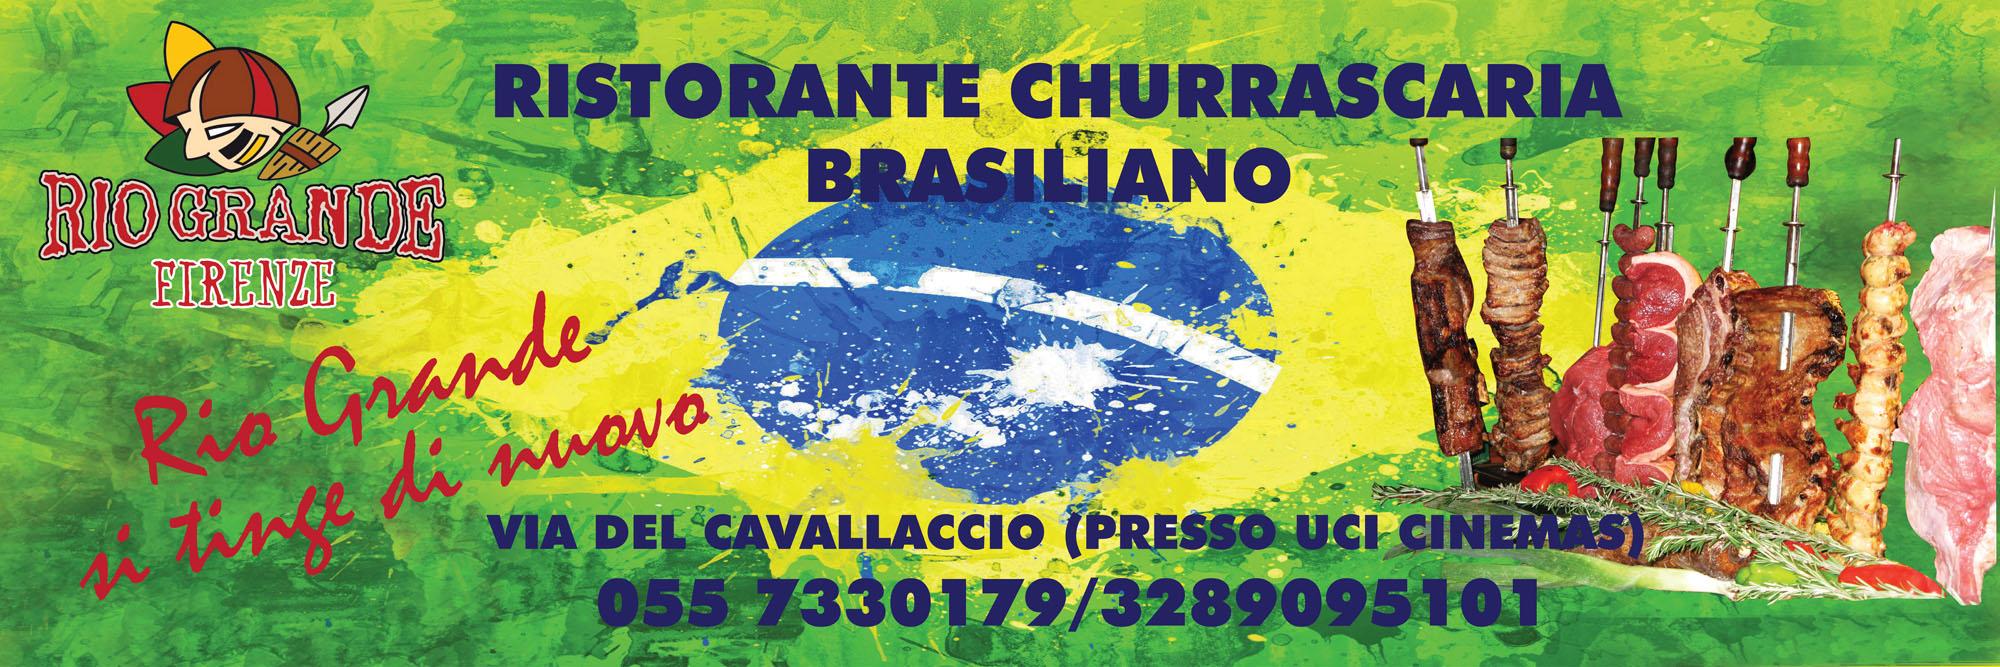 Churrascaria Brasileira